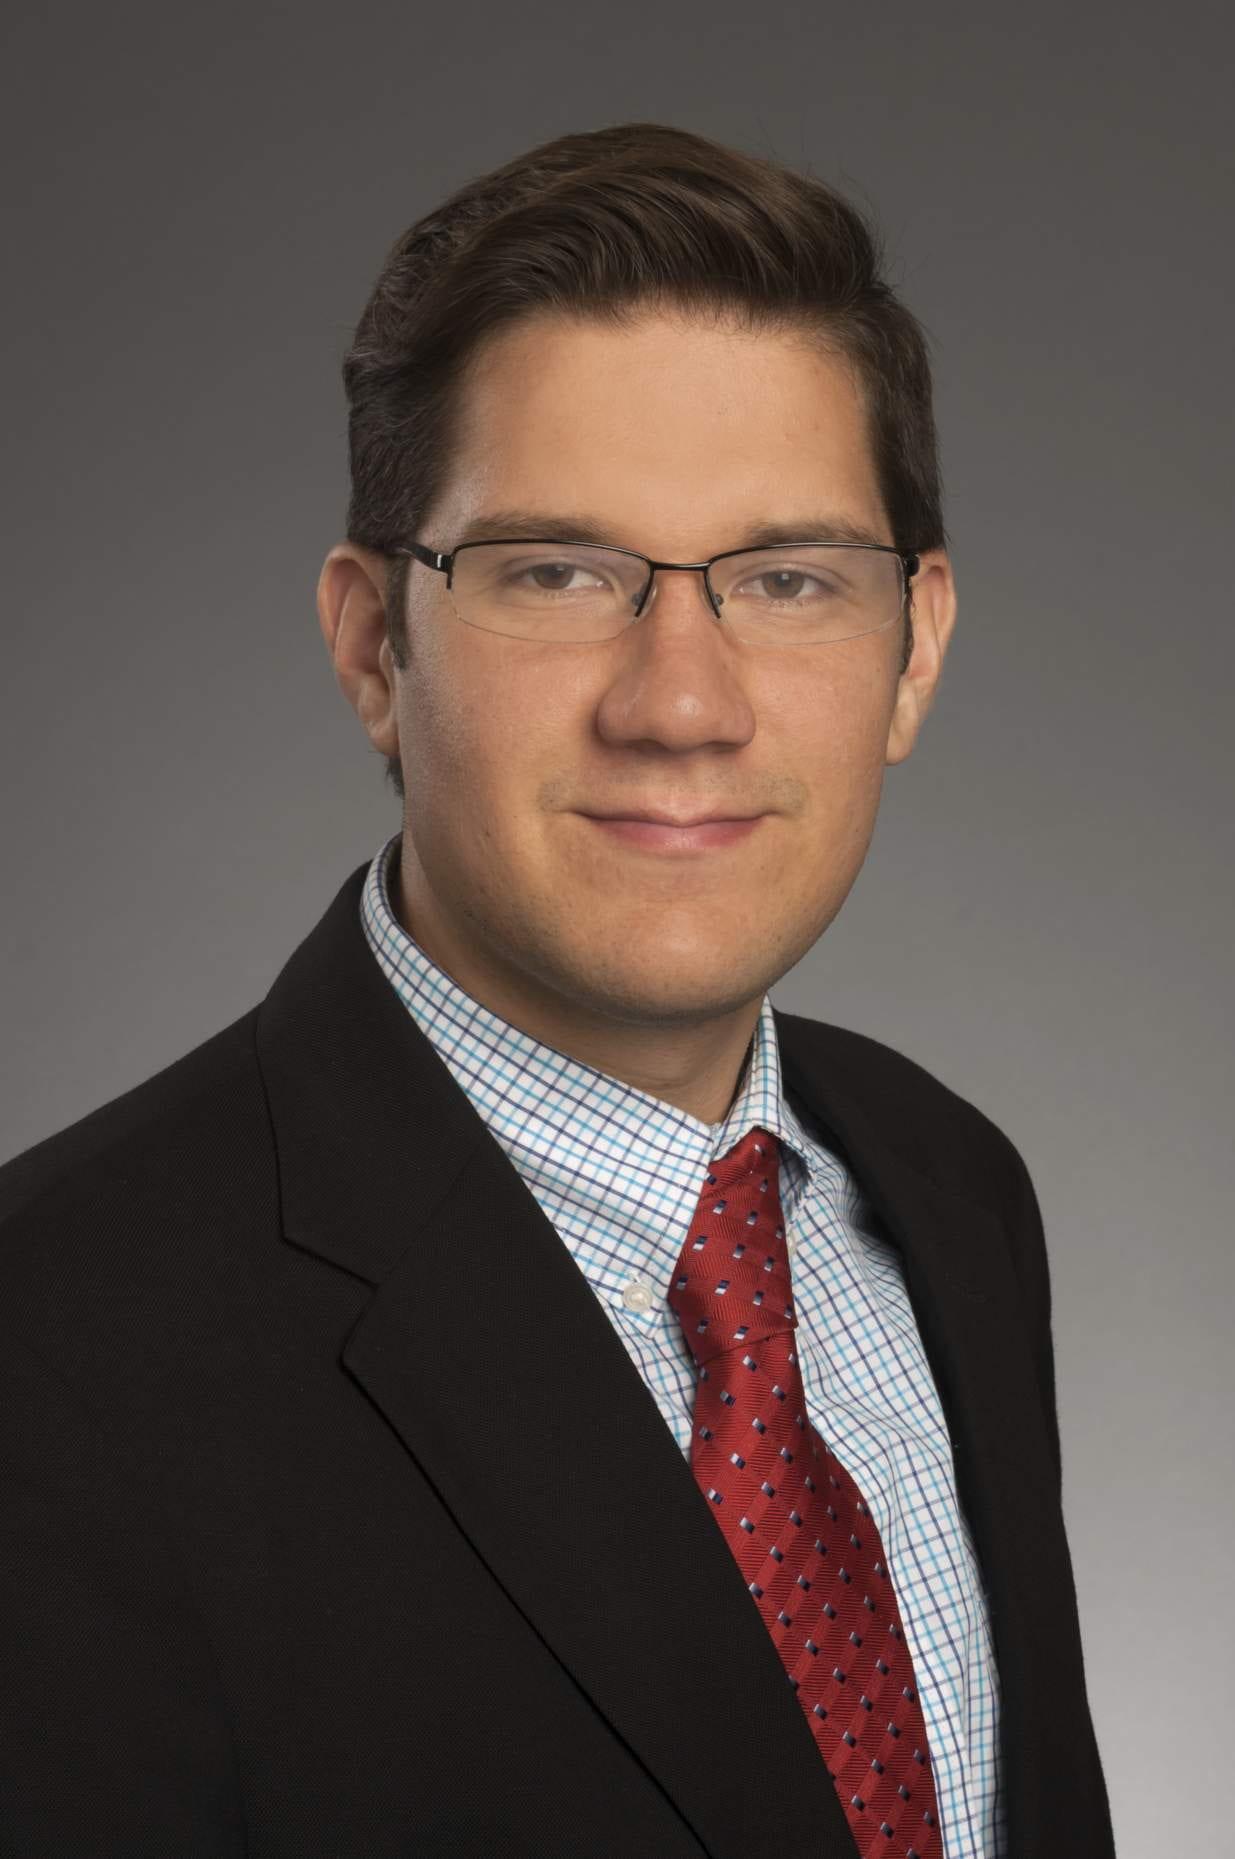 Alec D. Scherer